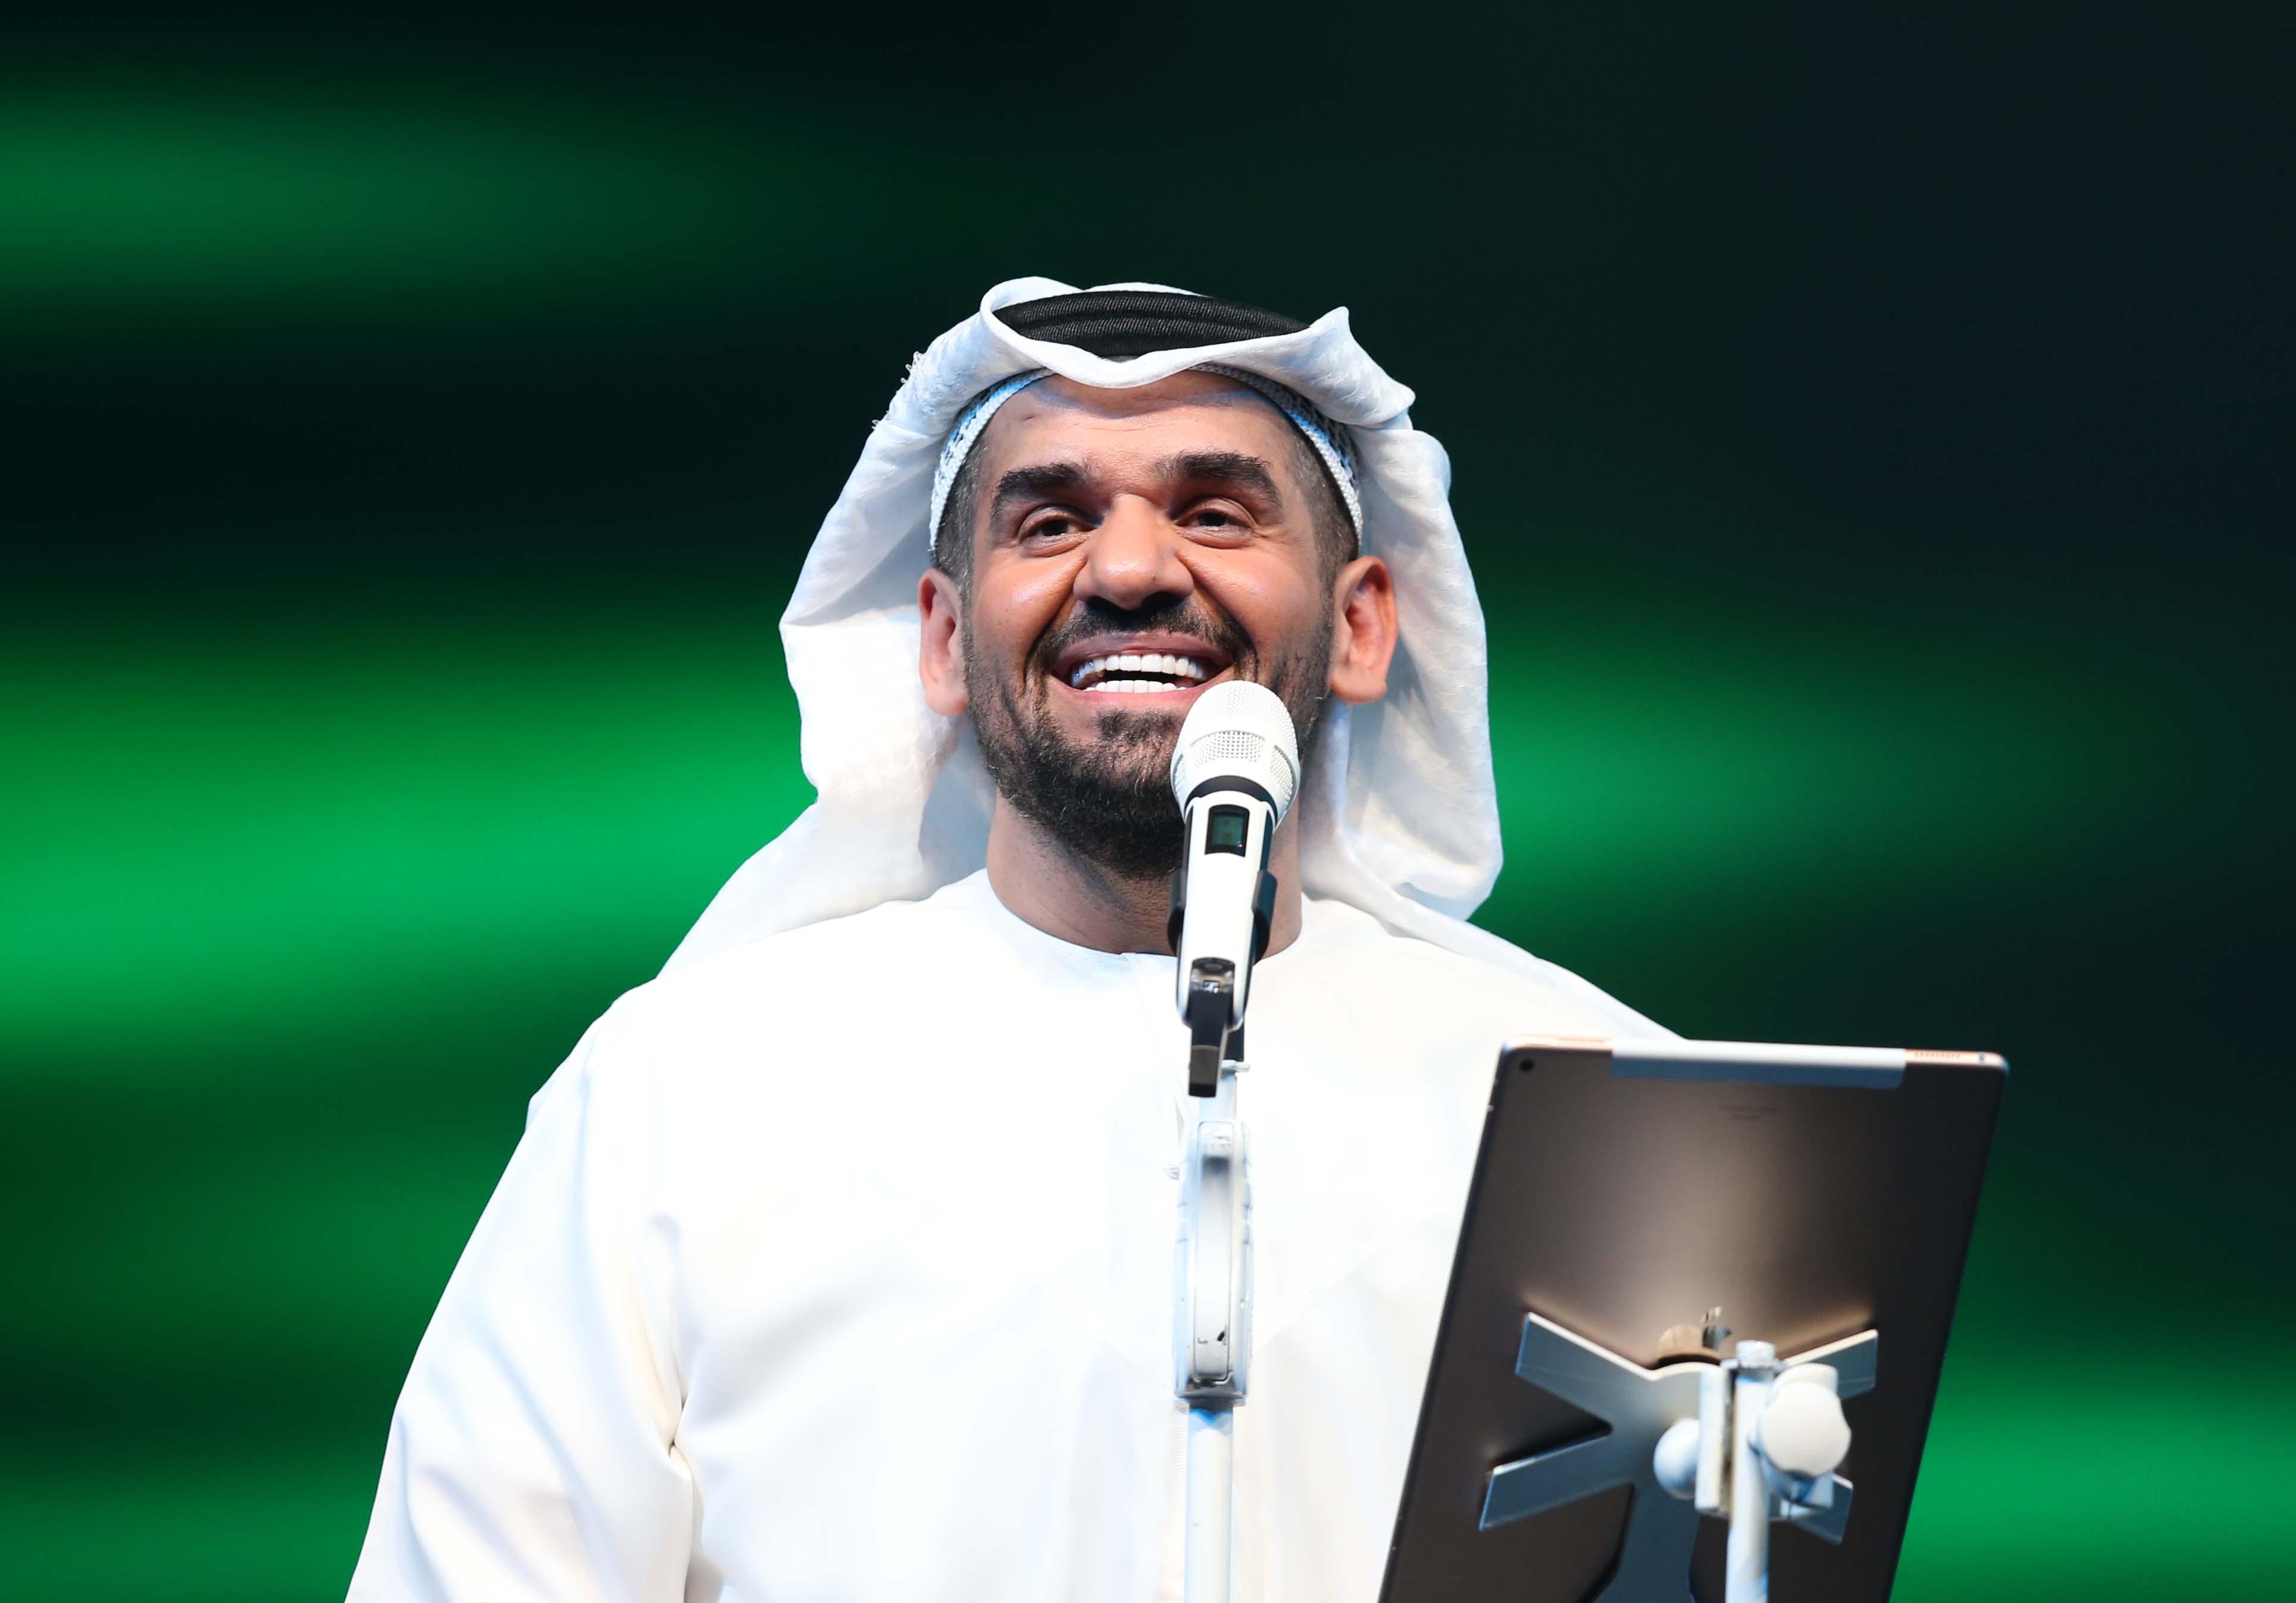 صورة الجسمي ما بين 20 شخصية مؤثرة عربية بالتزامن مع حفلات دبي